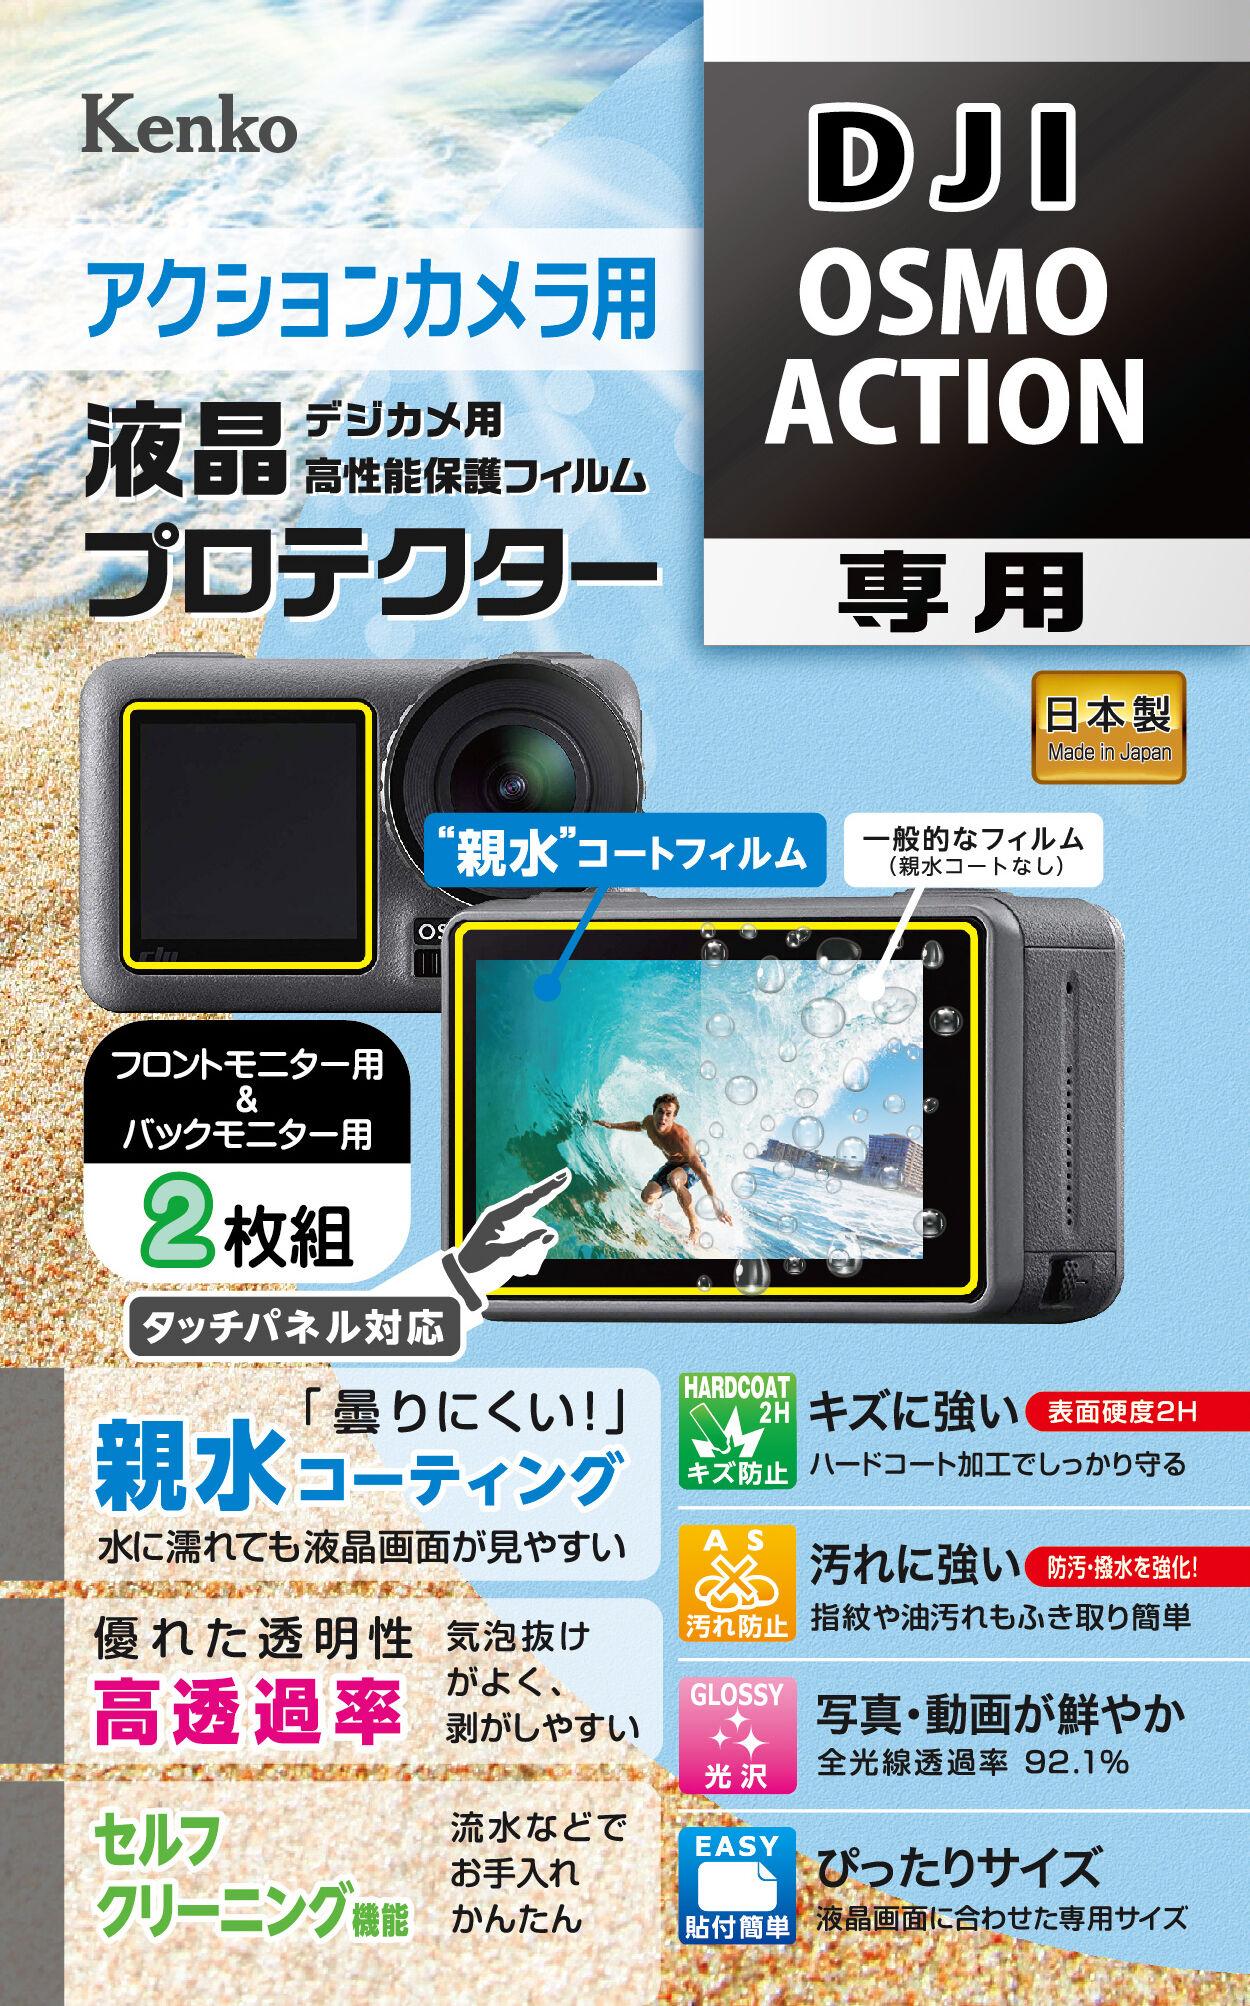 https://www.kenko-tokina.co.jp/imaging/eq/mt-images/4961607732106.jpg